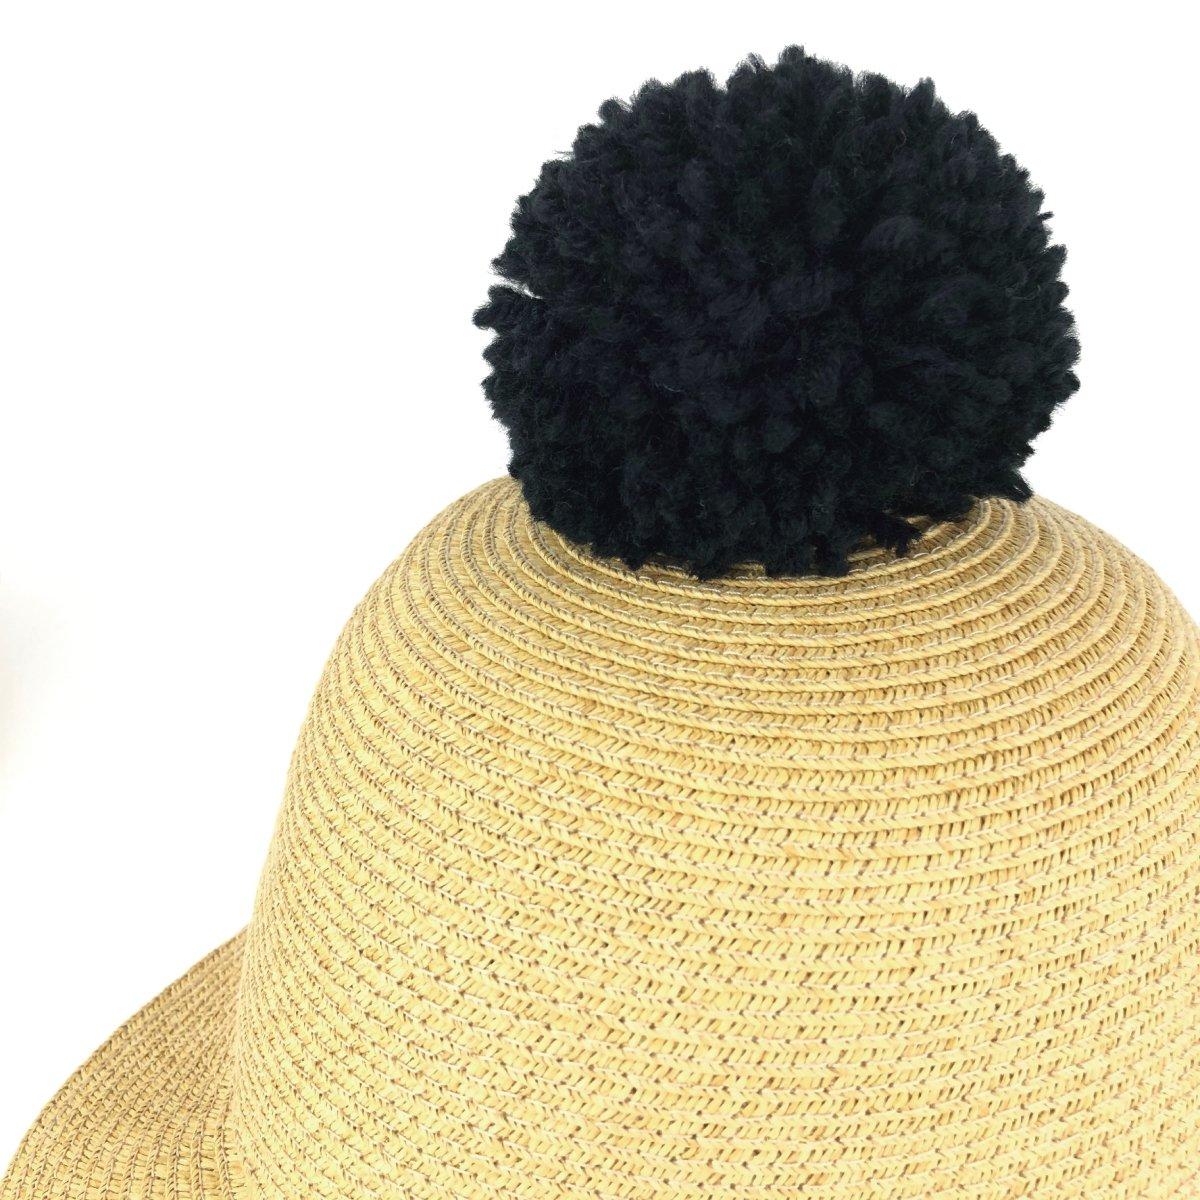 【KIDS】Big Pom Braid Cap 詳細画像8